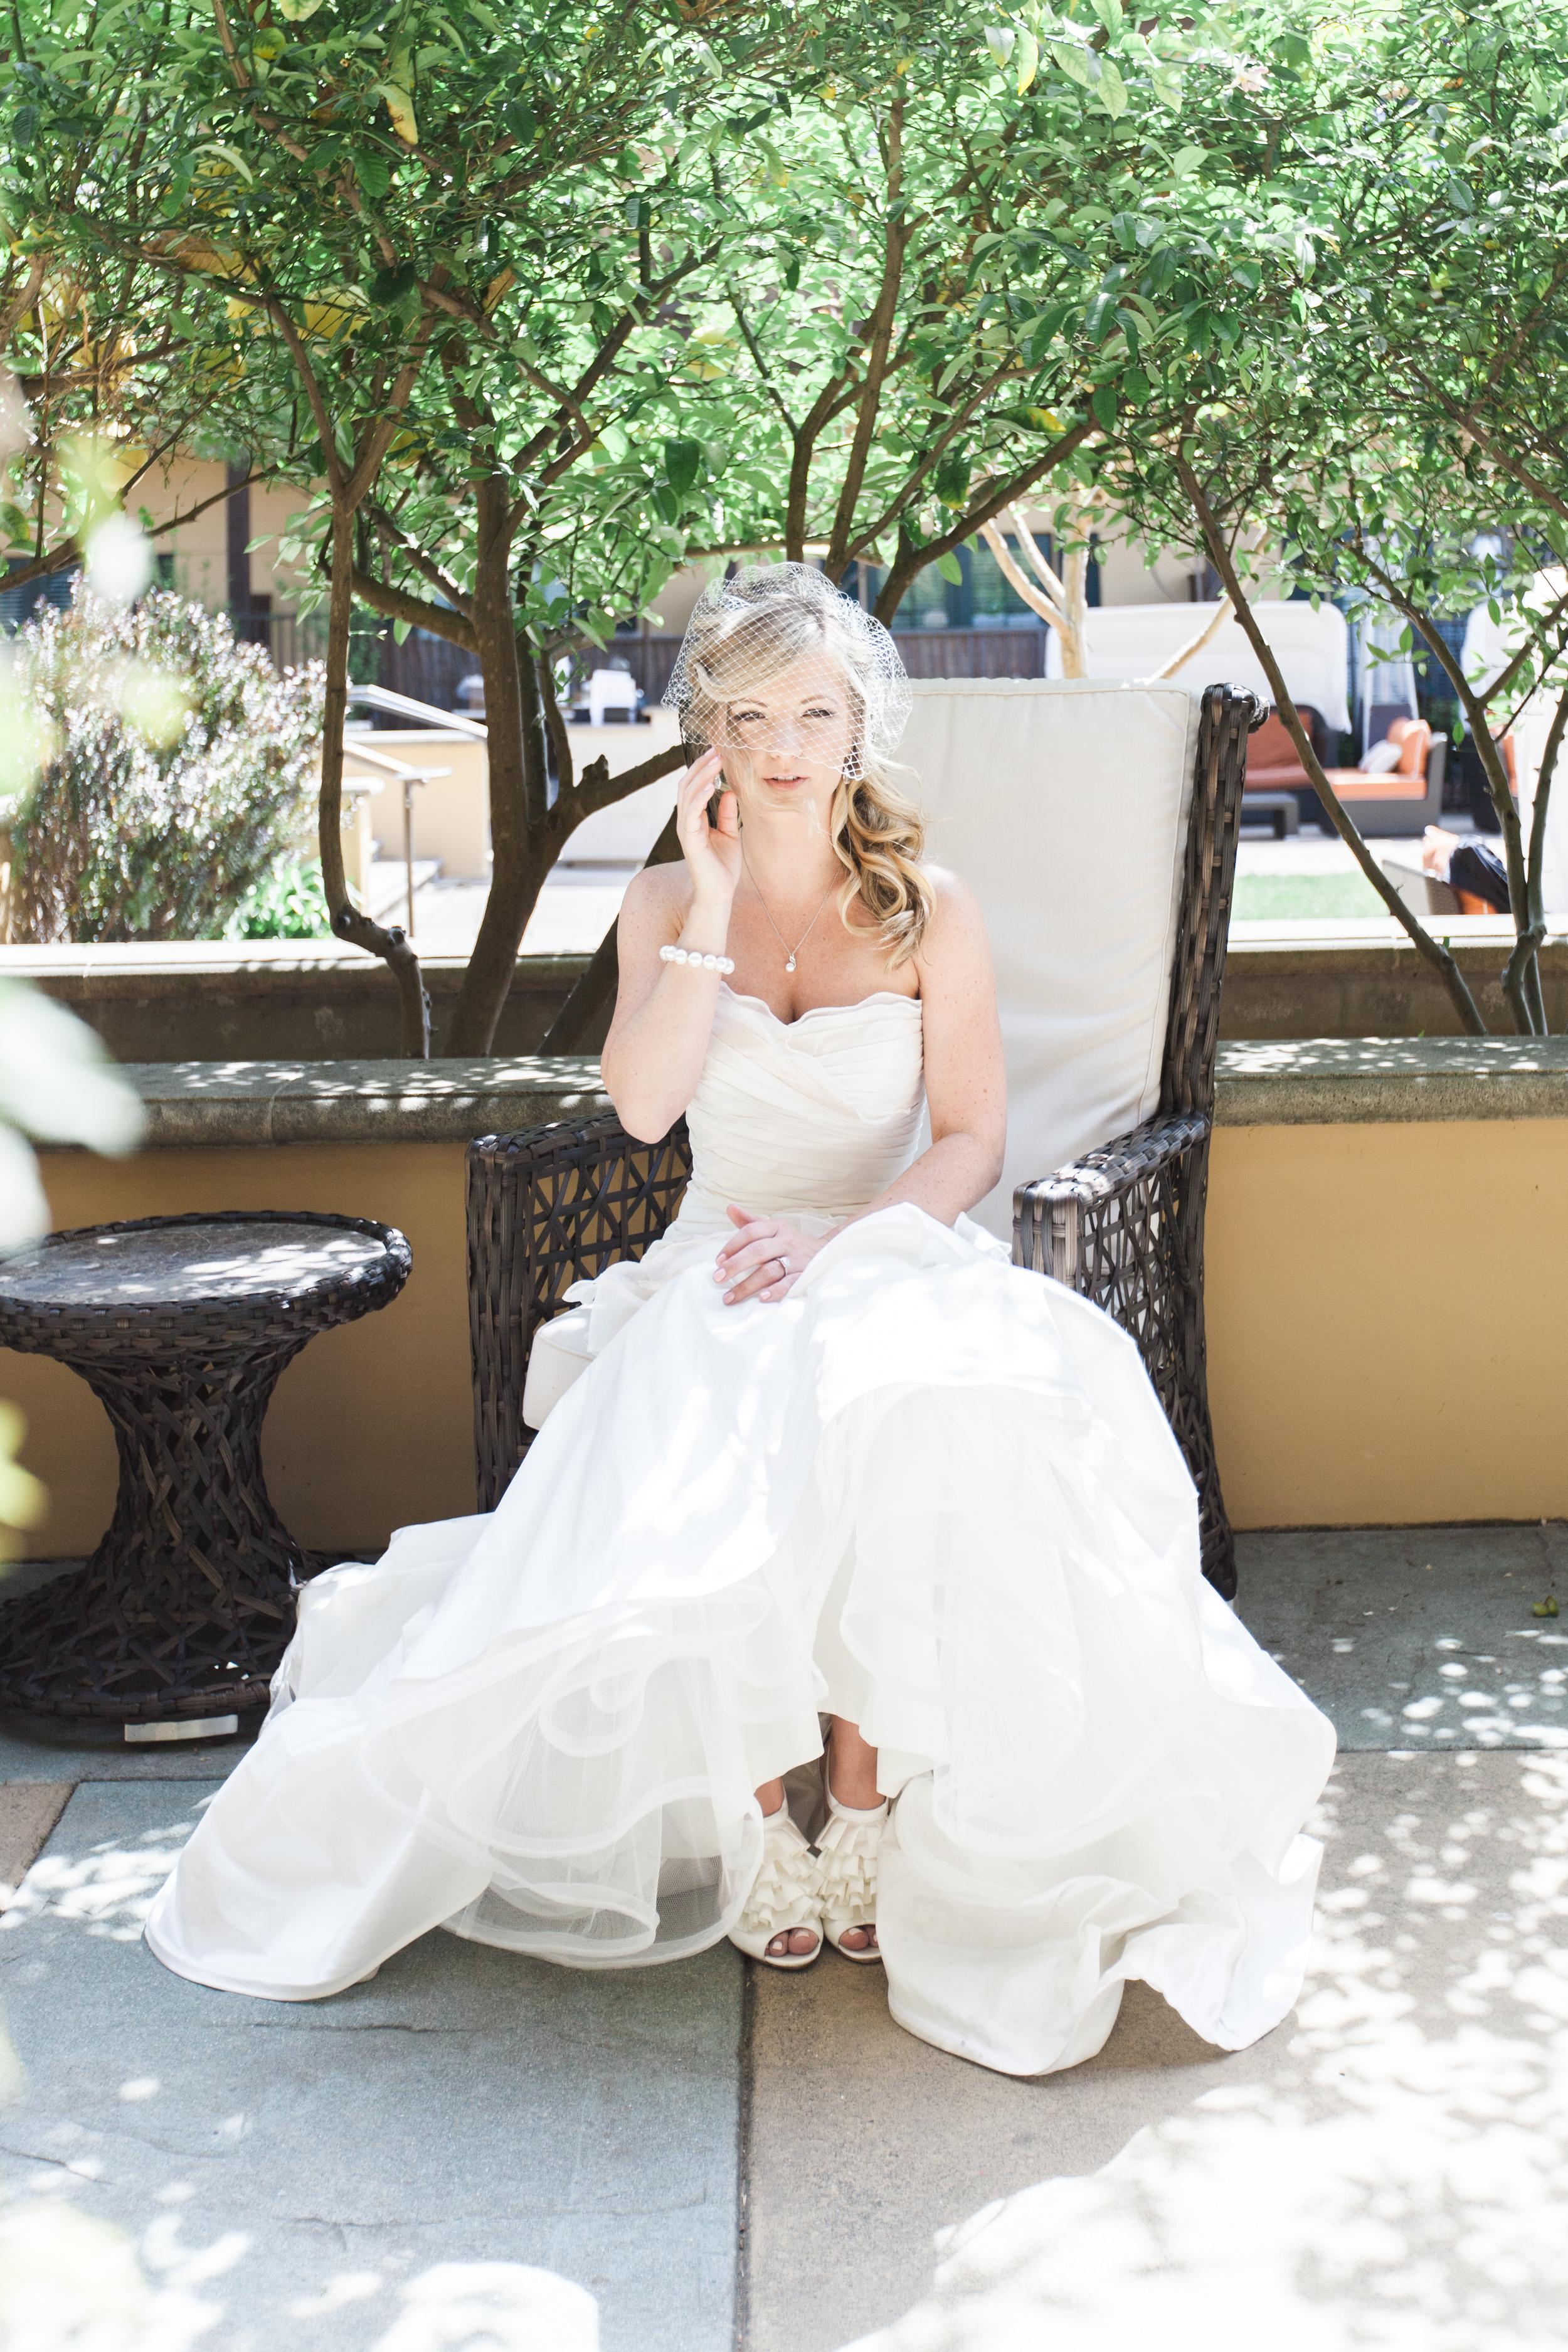 weddings_.jpg